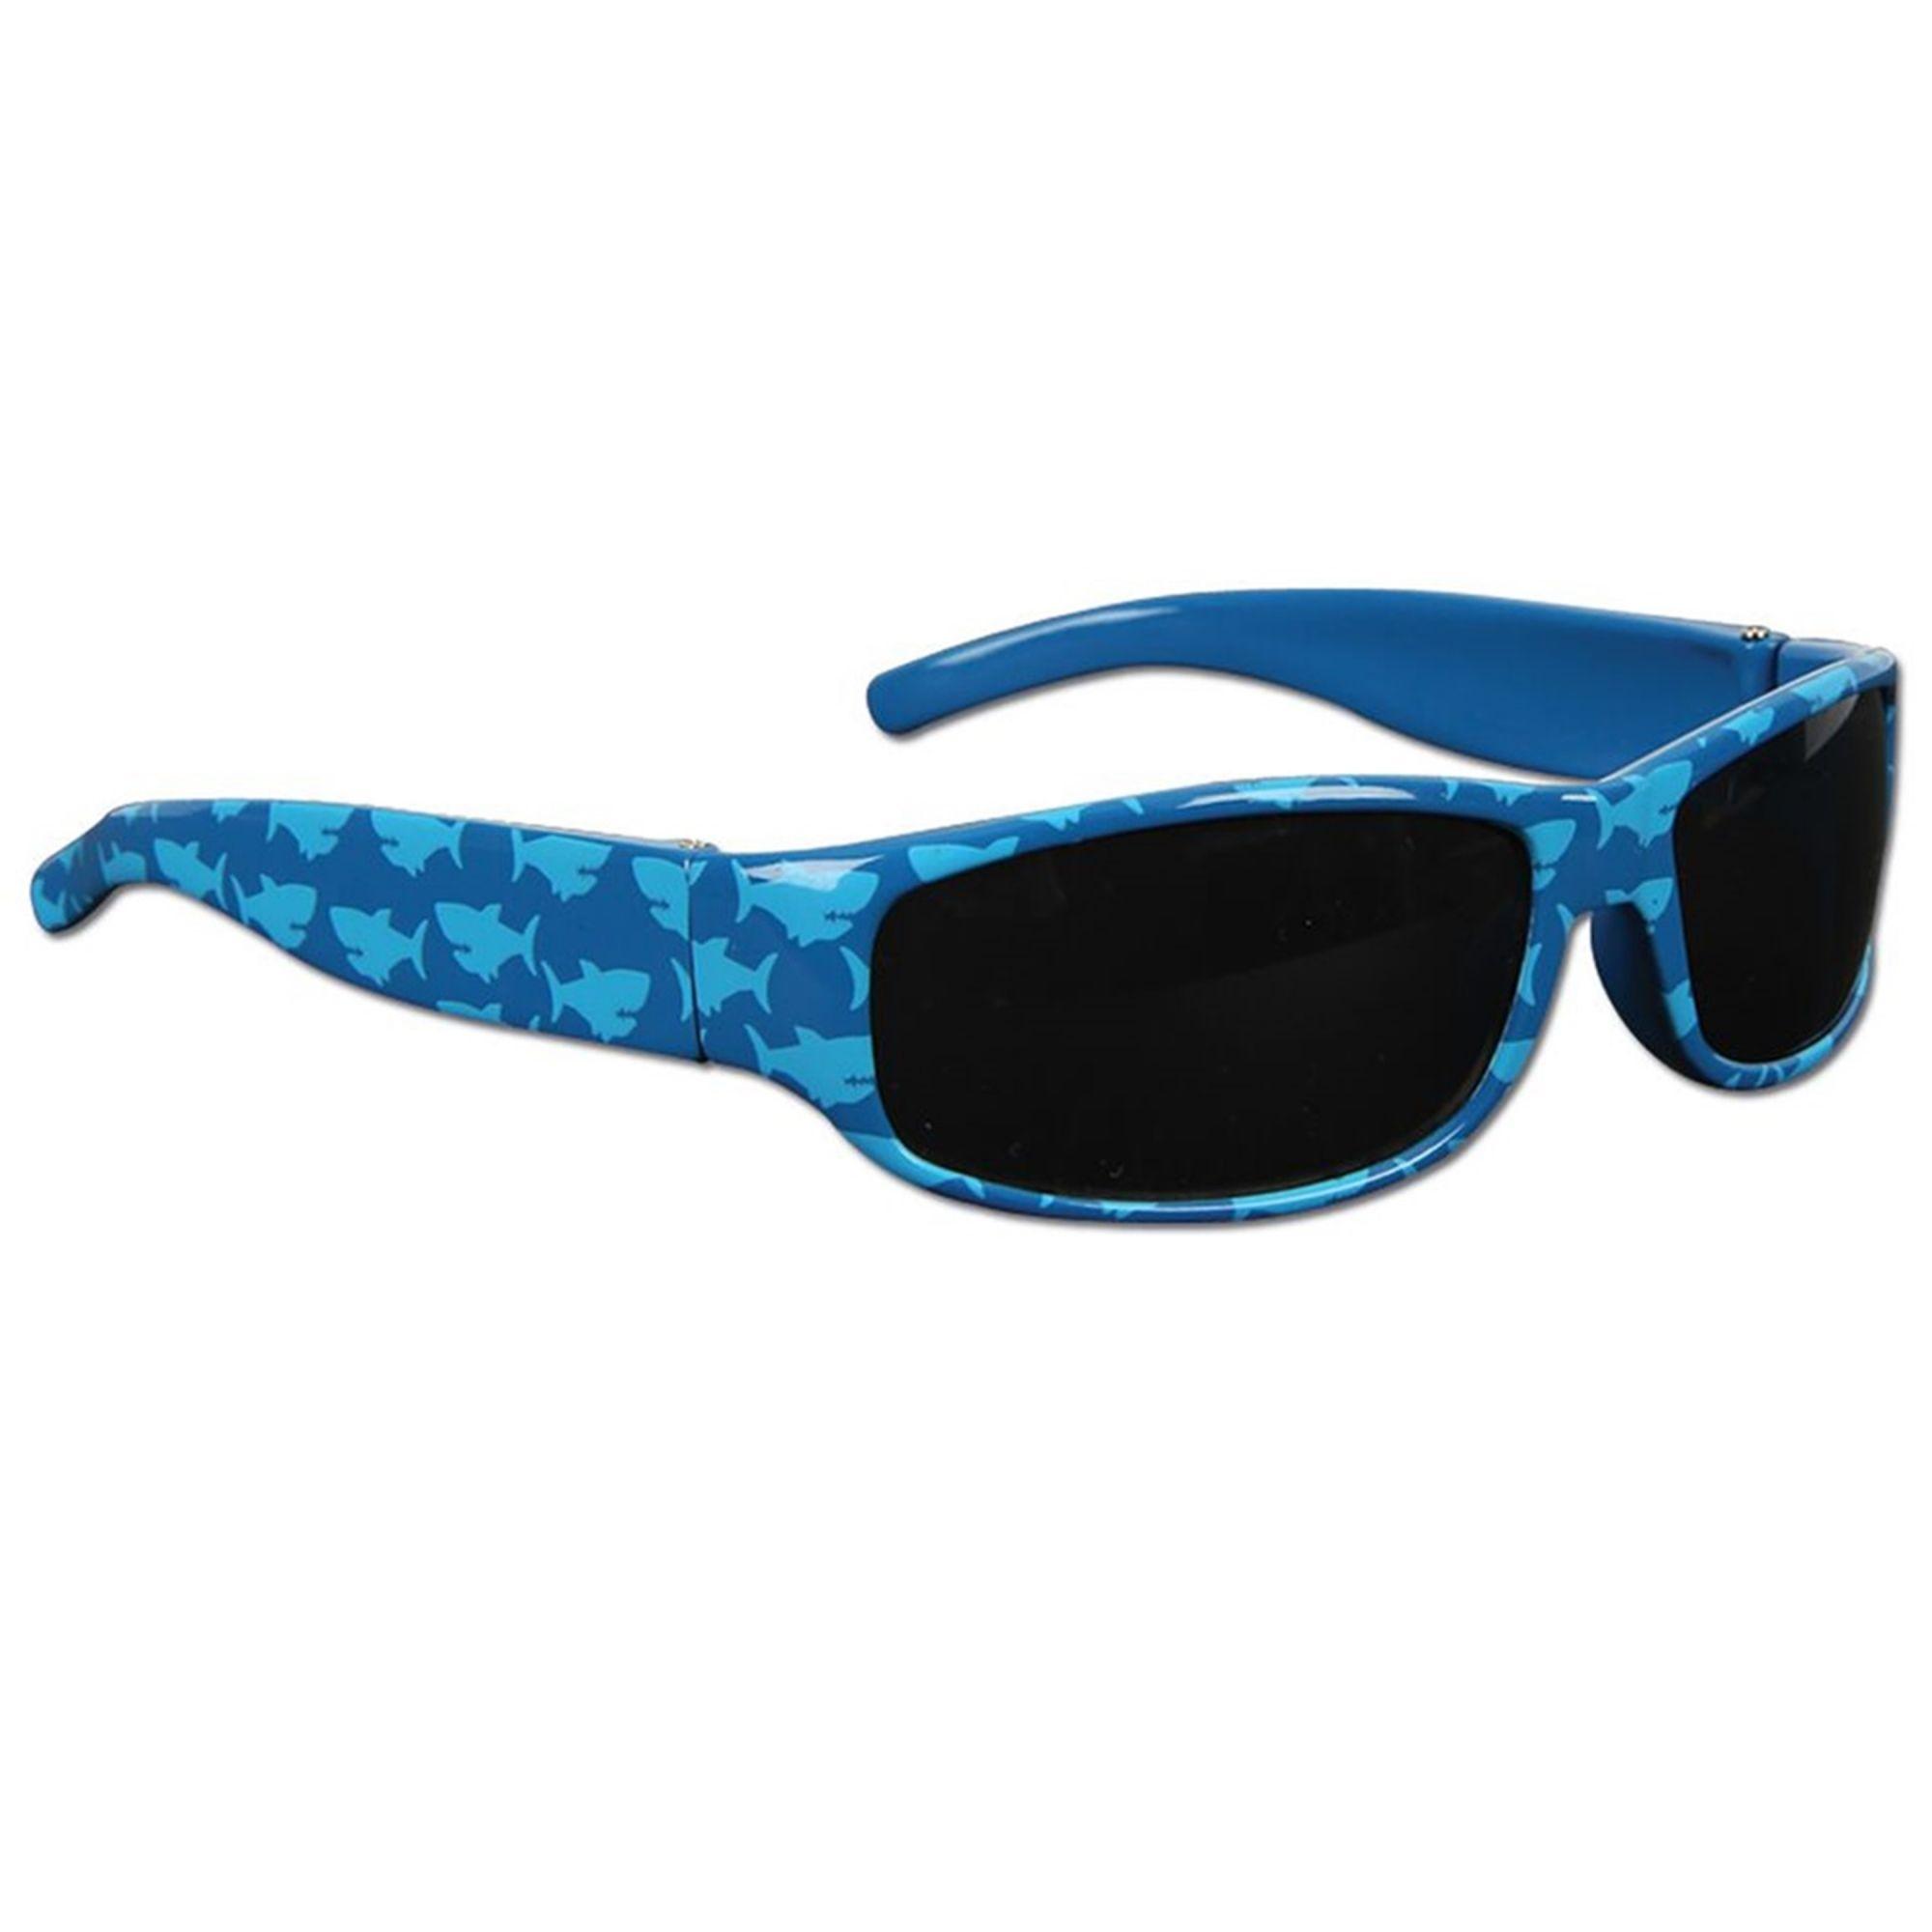 Oculos de Sol Tubarão (S17) com Proteção UV400 - Stephen Joseph